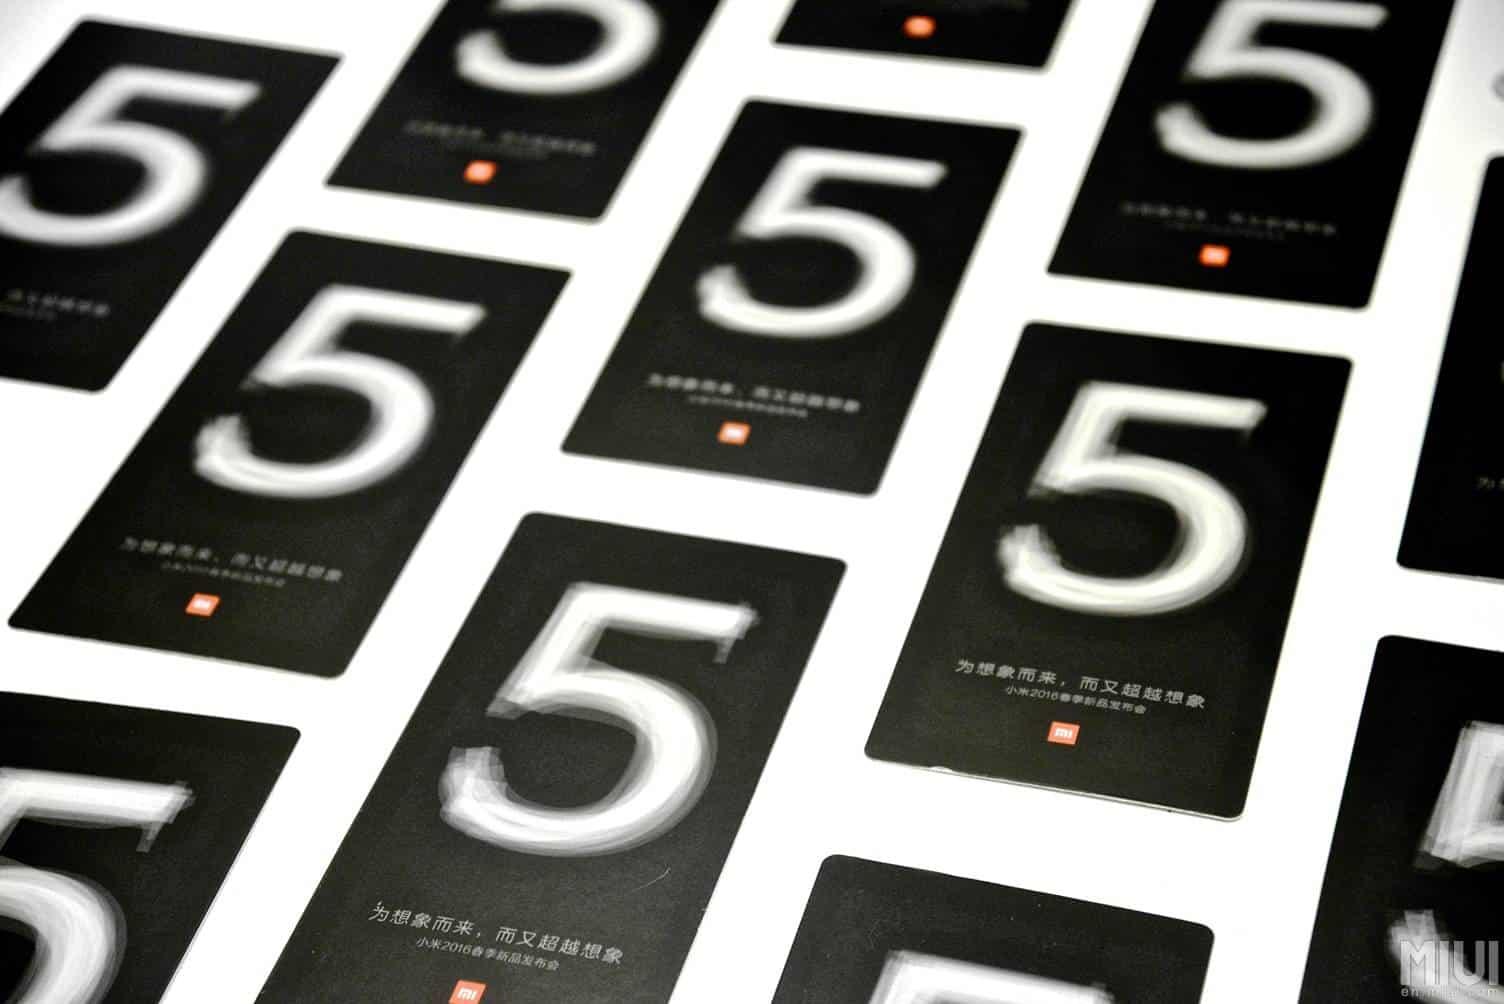 Xiaomi Mi 5 invitation 8